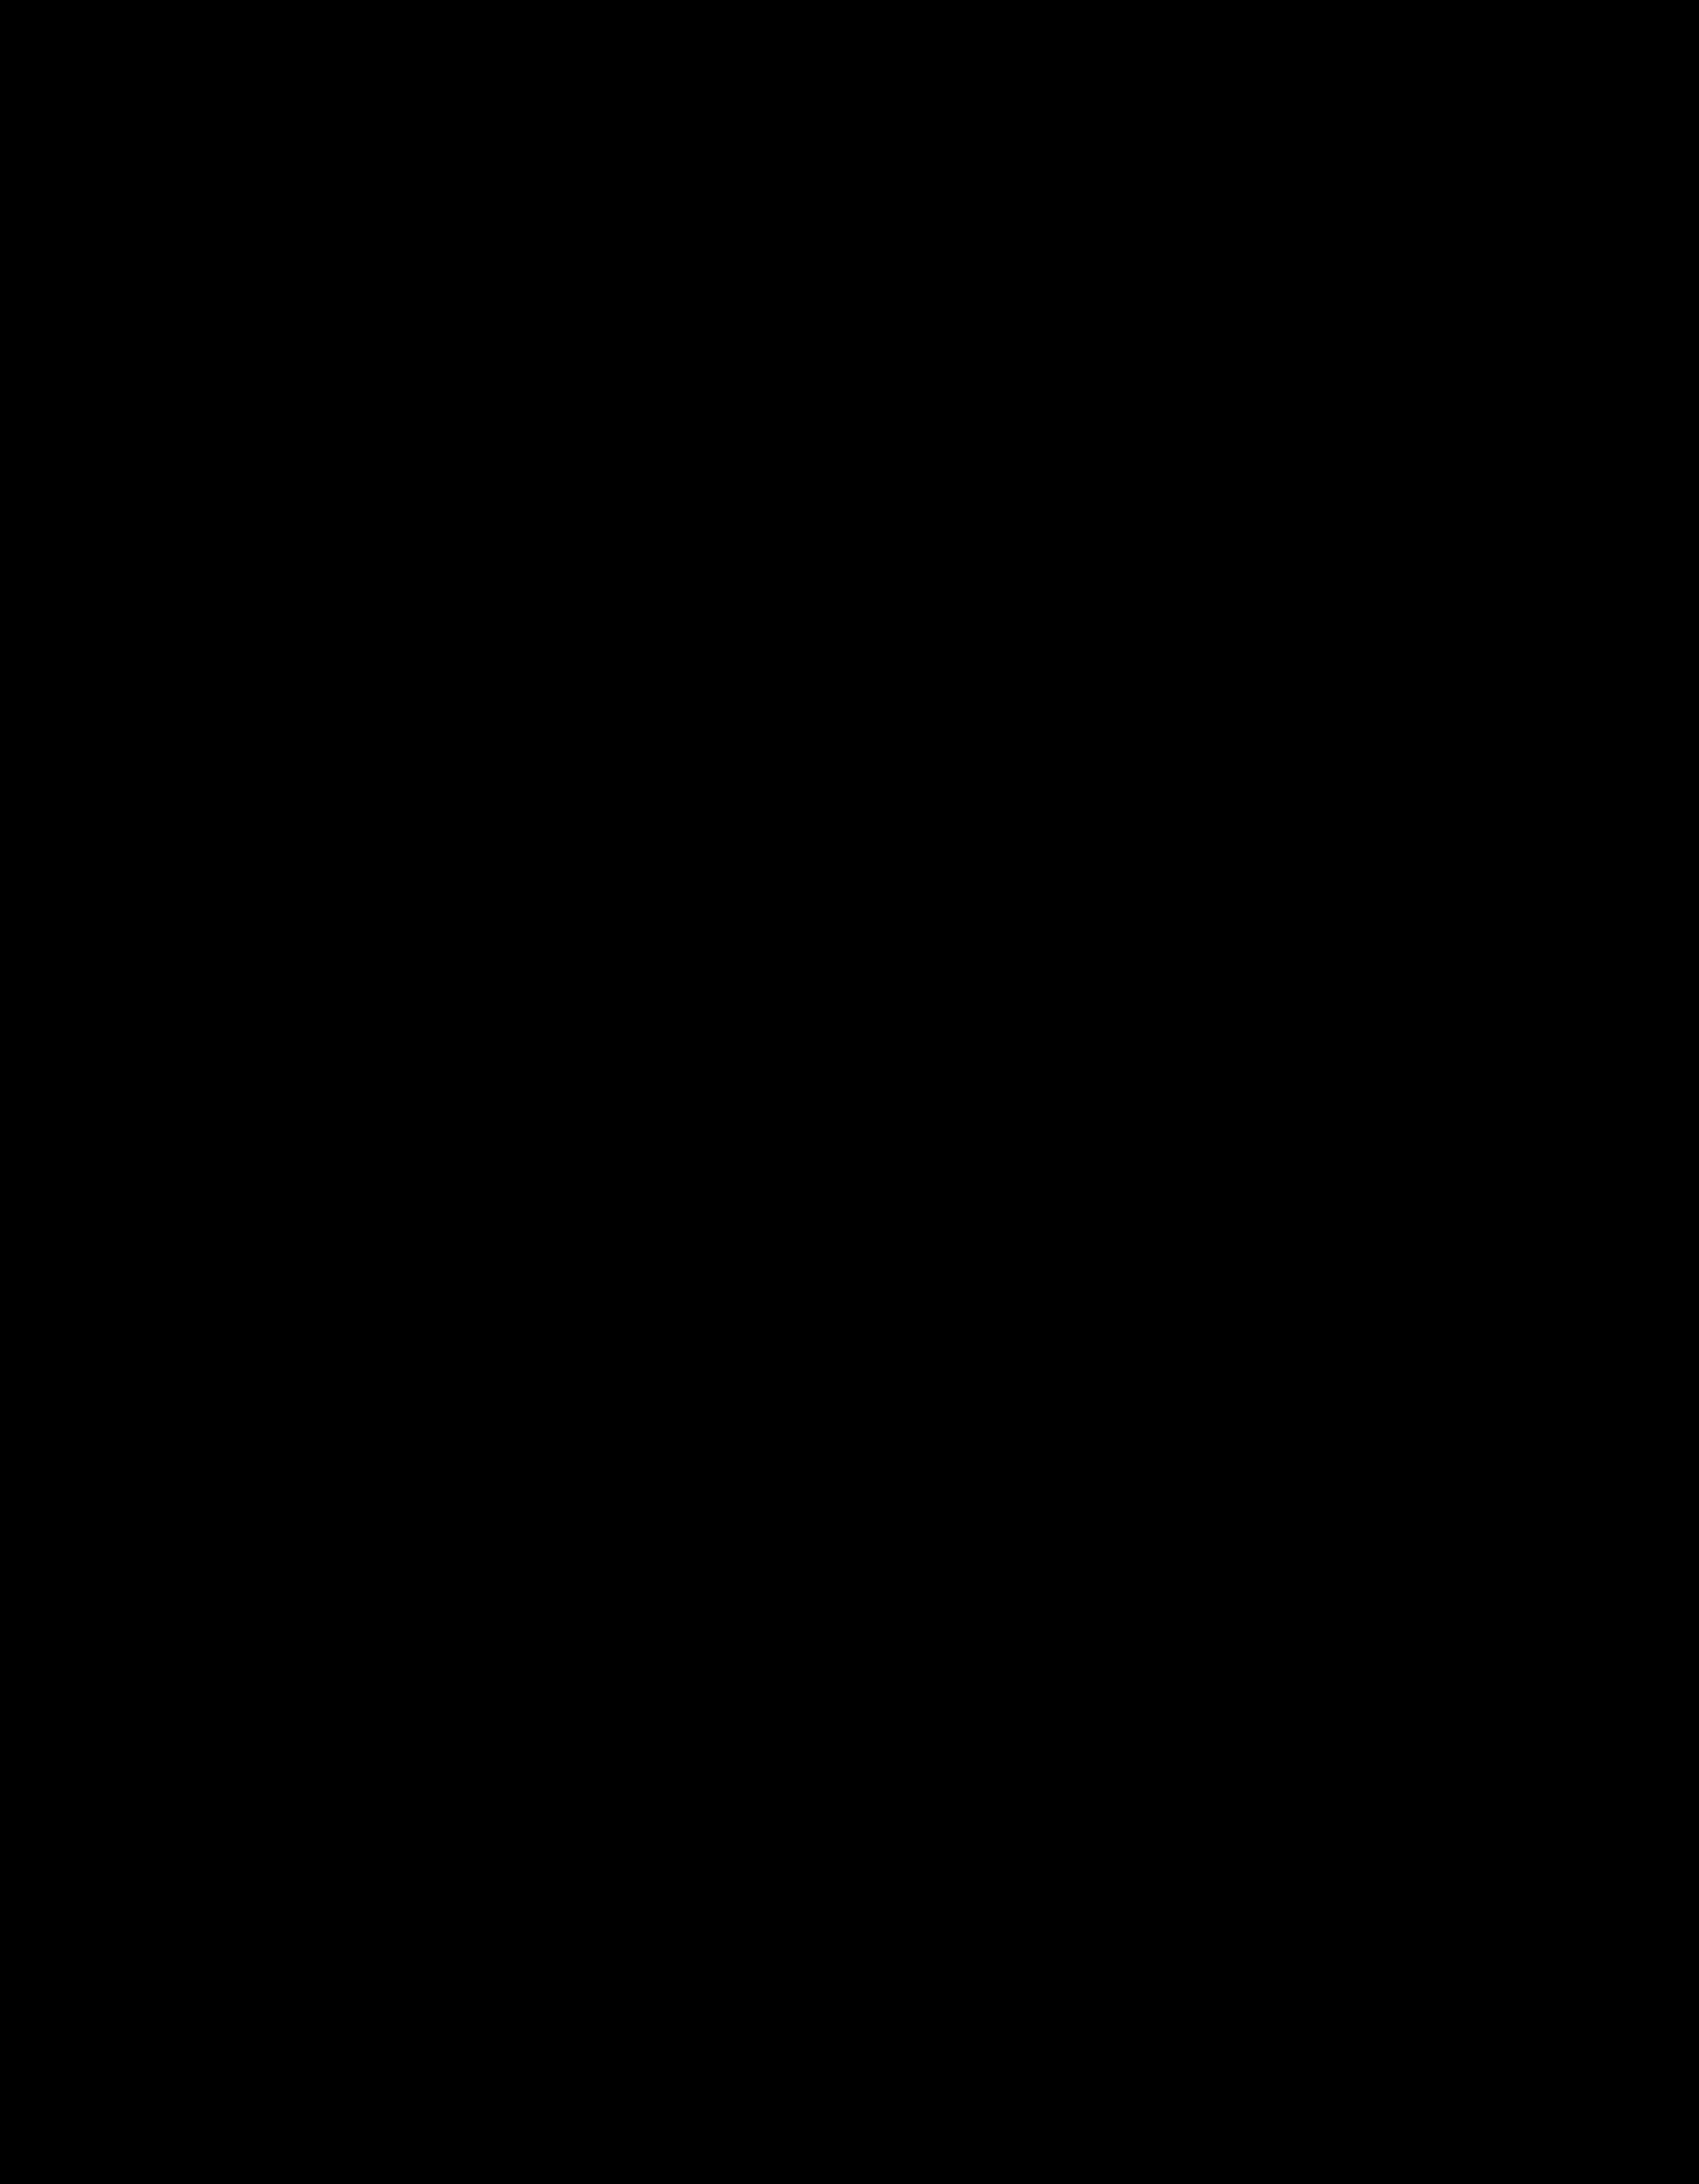 「ルパン三世のテーマ」メロディーパート楽譜